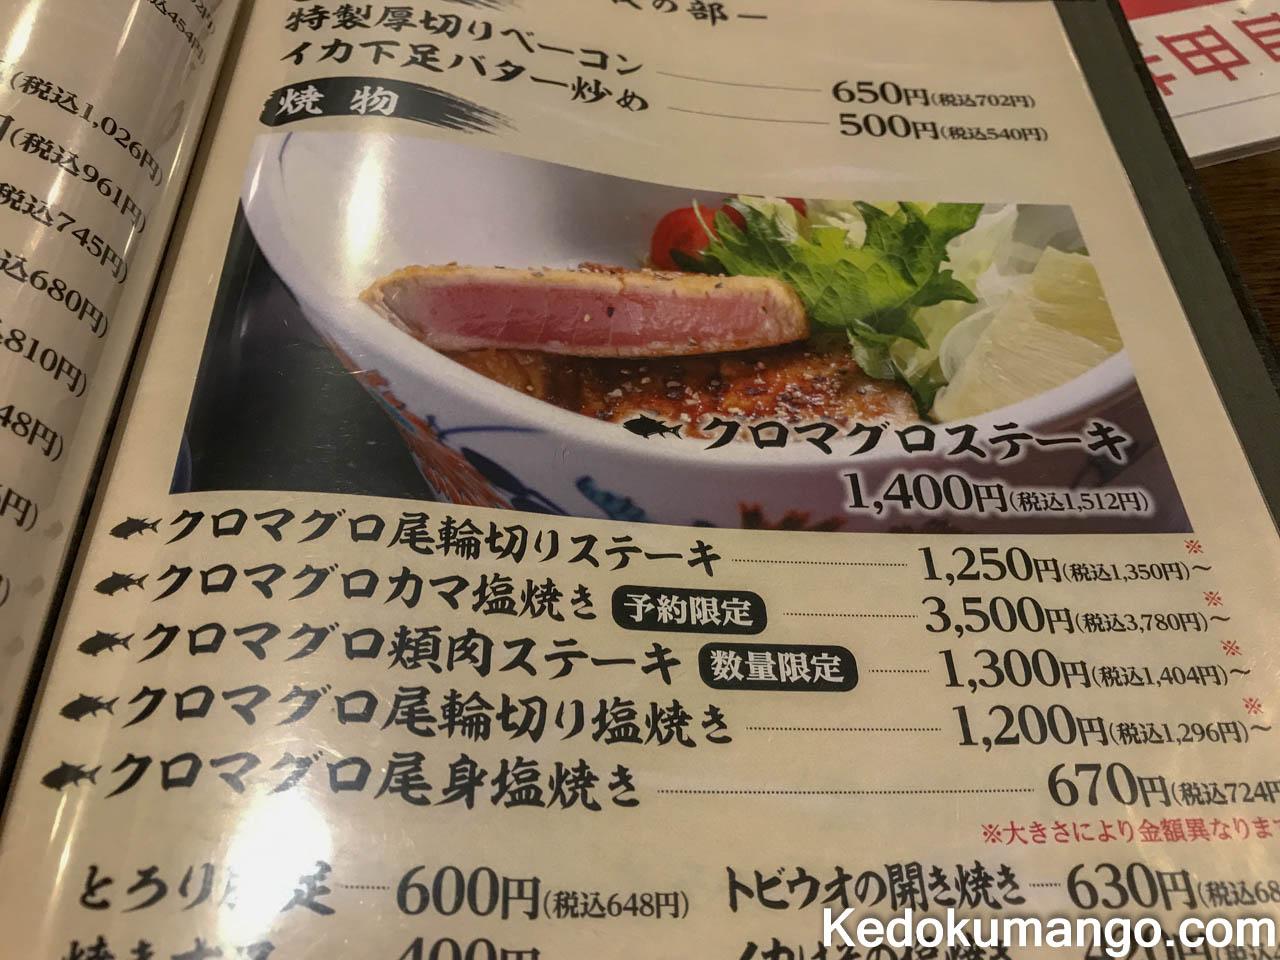 マグロのステーキメニュー